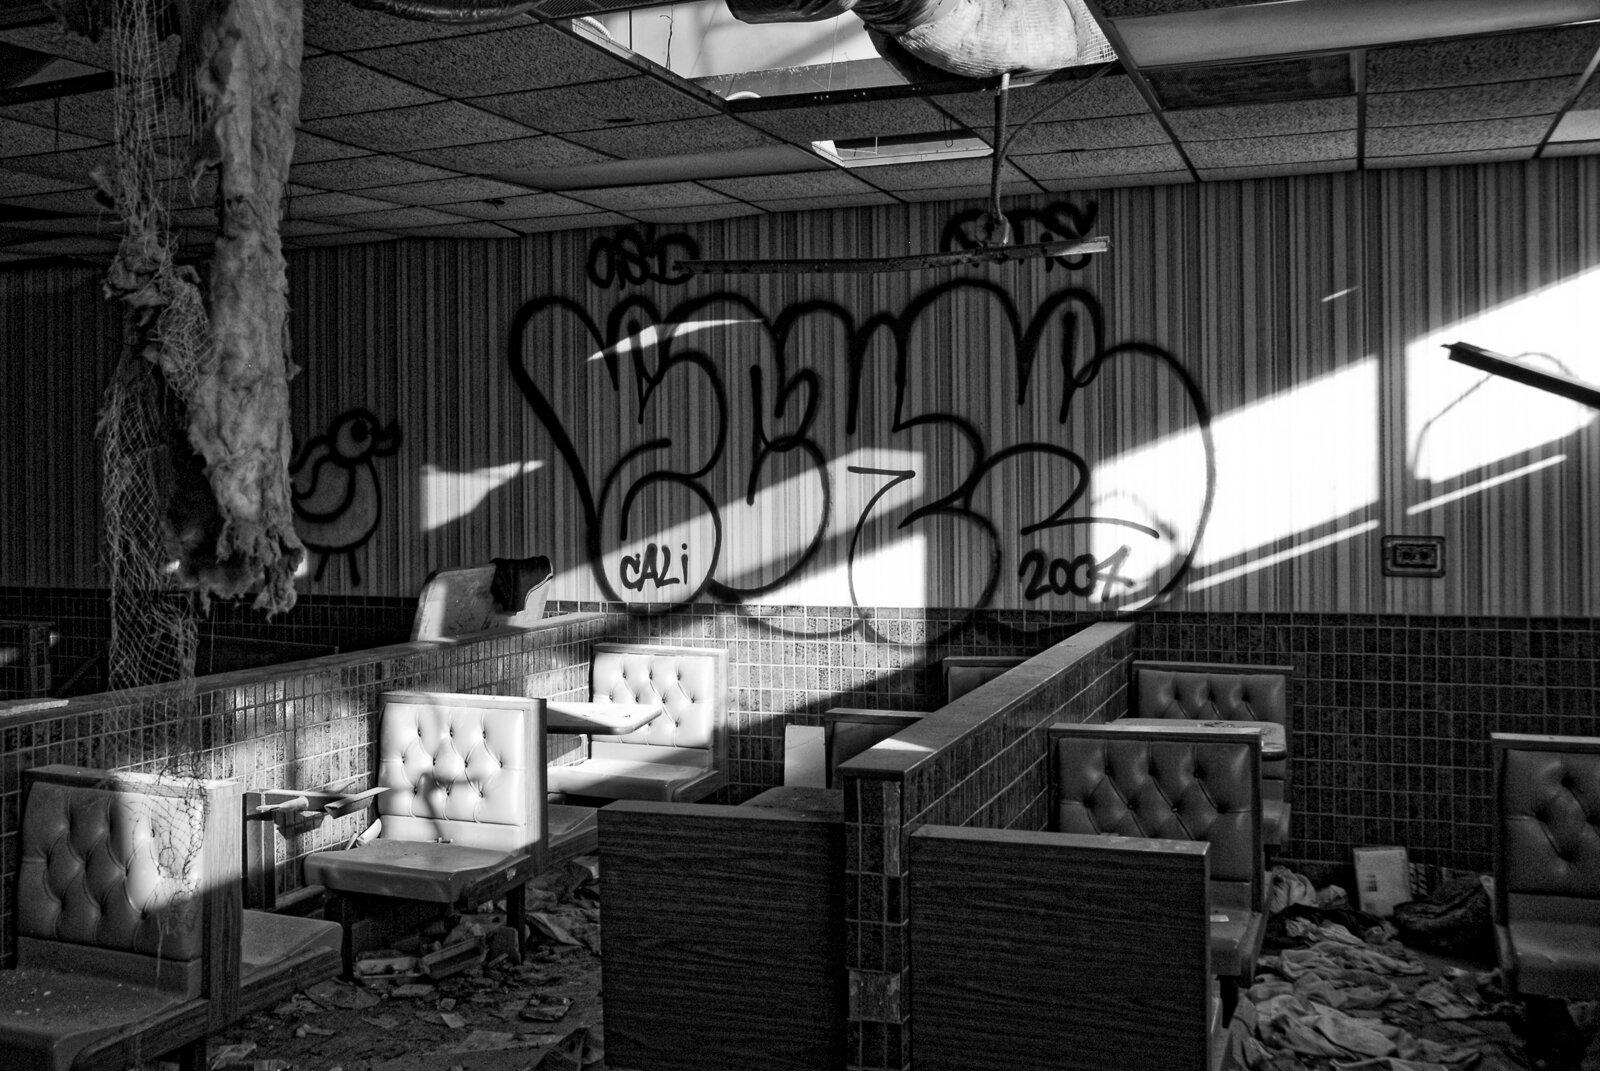 05_PRINT_09_DSC3913-2007_08_DetroitDowntown2007-Edit-2____Lost-USA-D.jpg